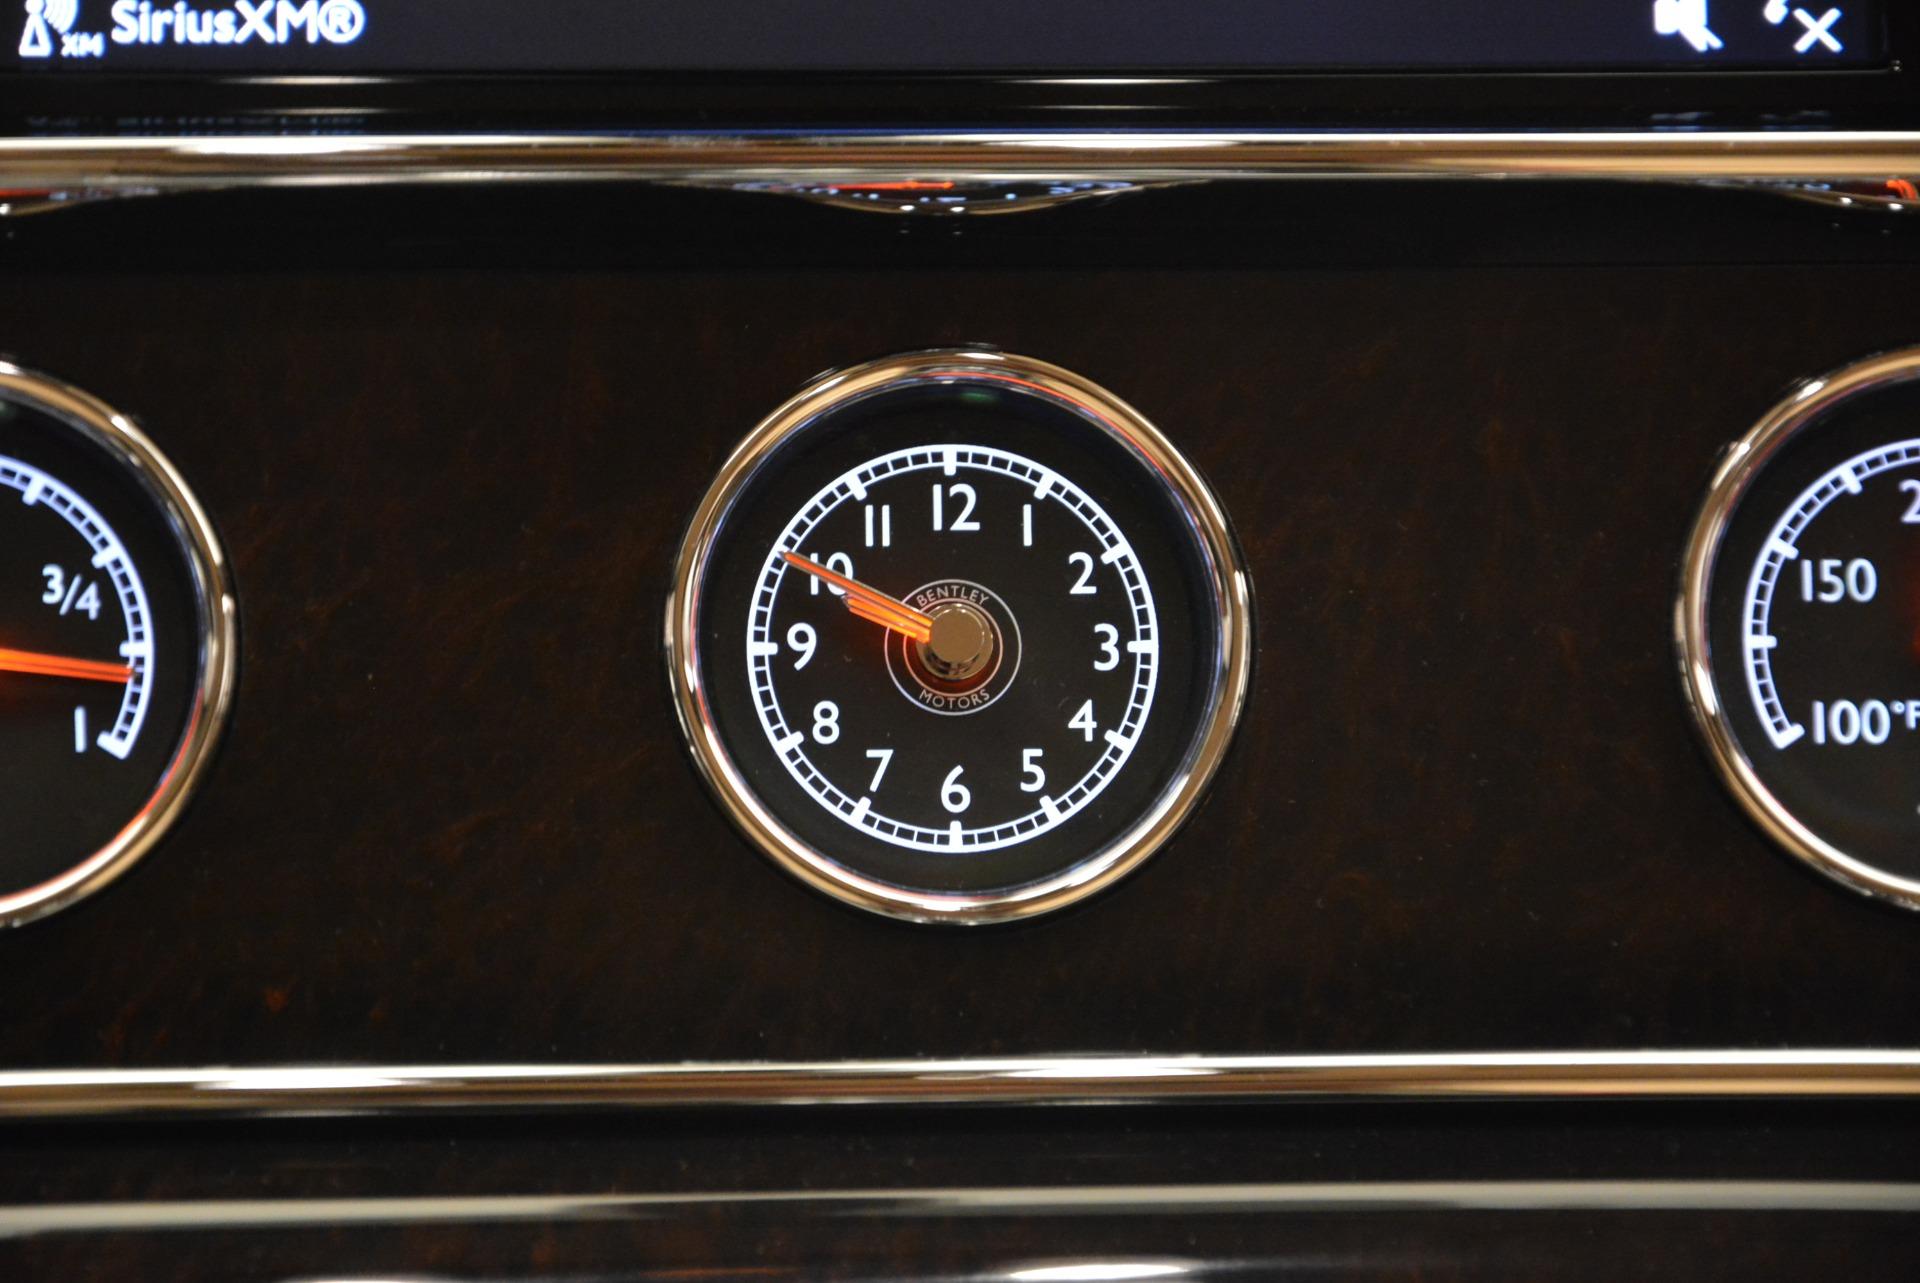 Used 2017 Bentley Mulsanne EWB For Sale In Westport, CT 1554_p16